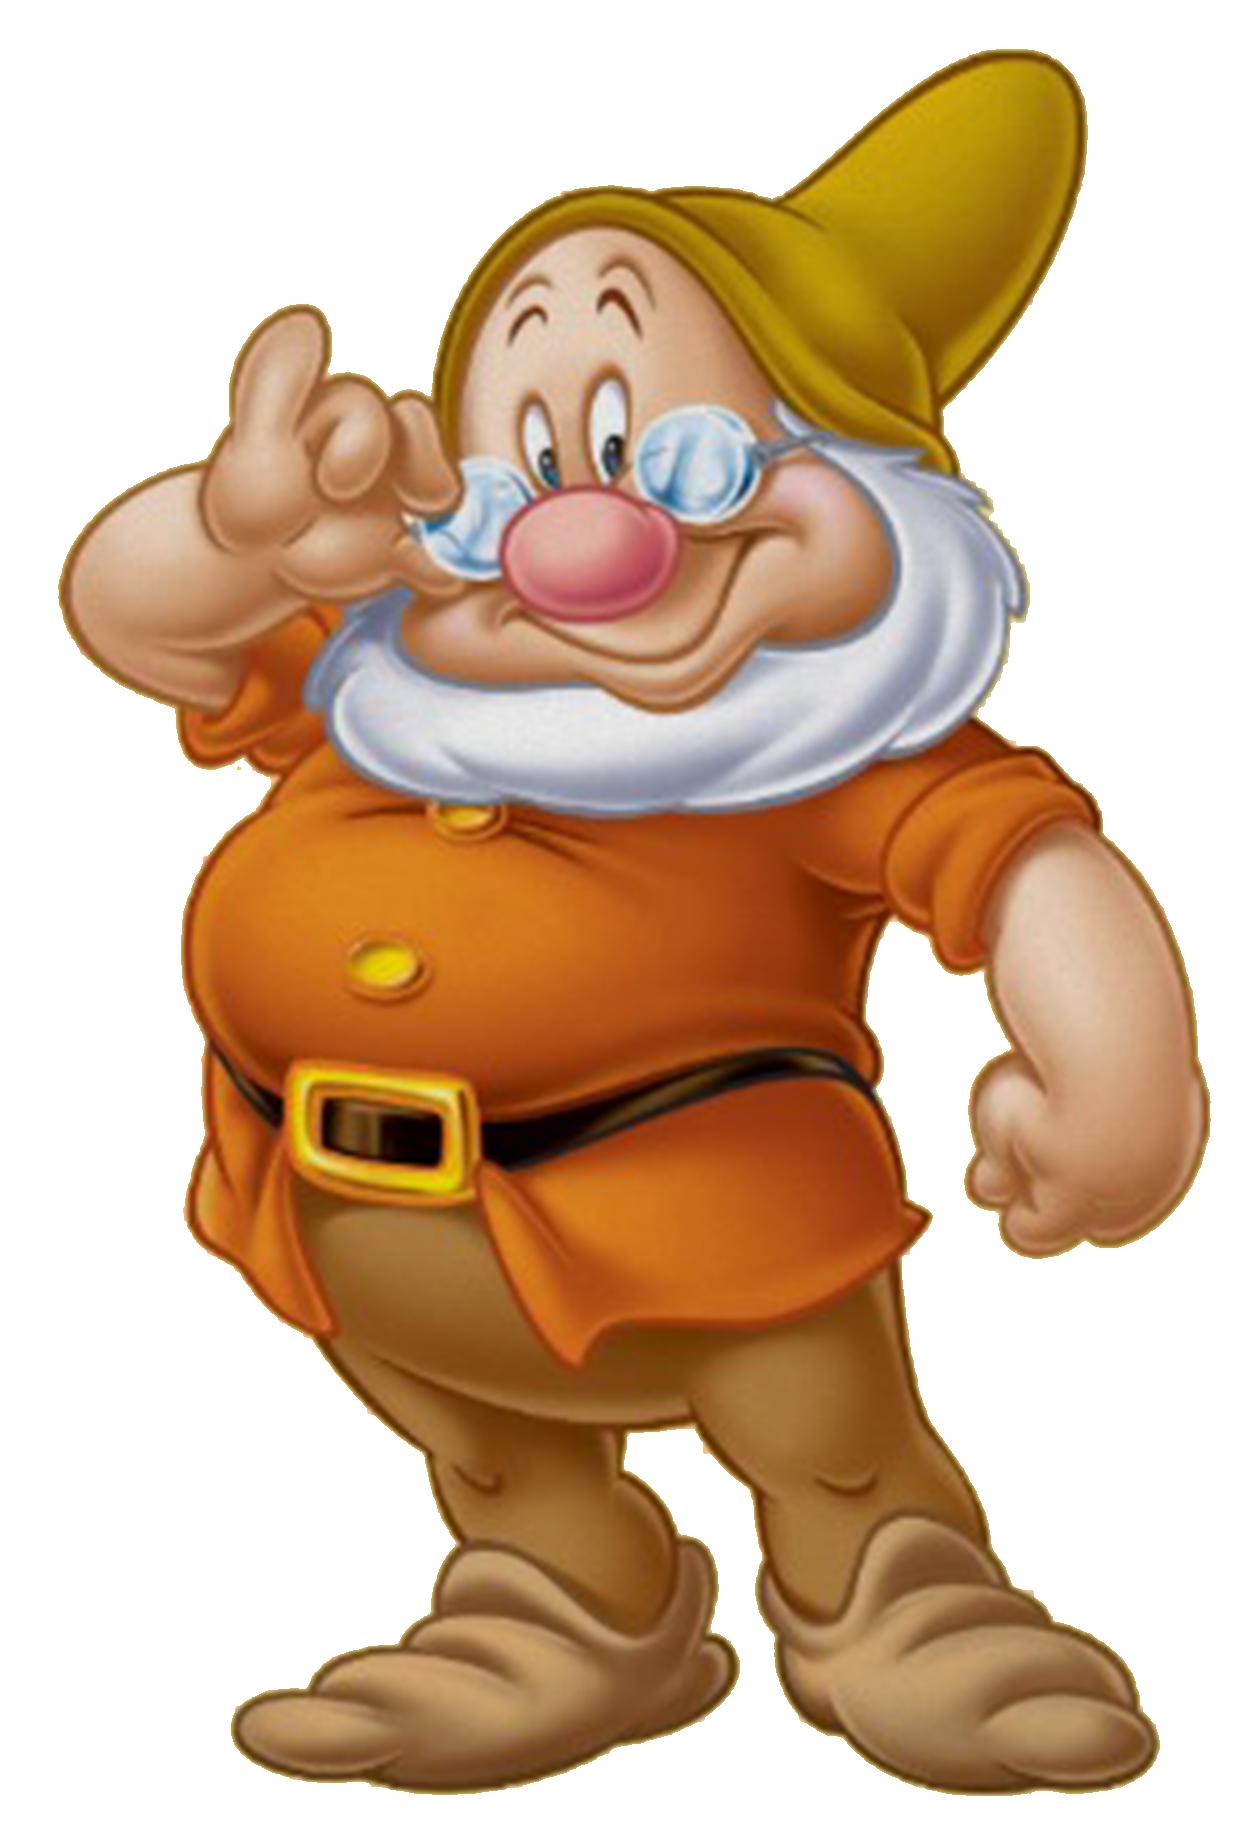 Doc dwarf clip art and disney scrapbook - Happy casa mestre ...